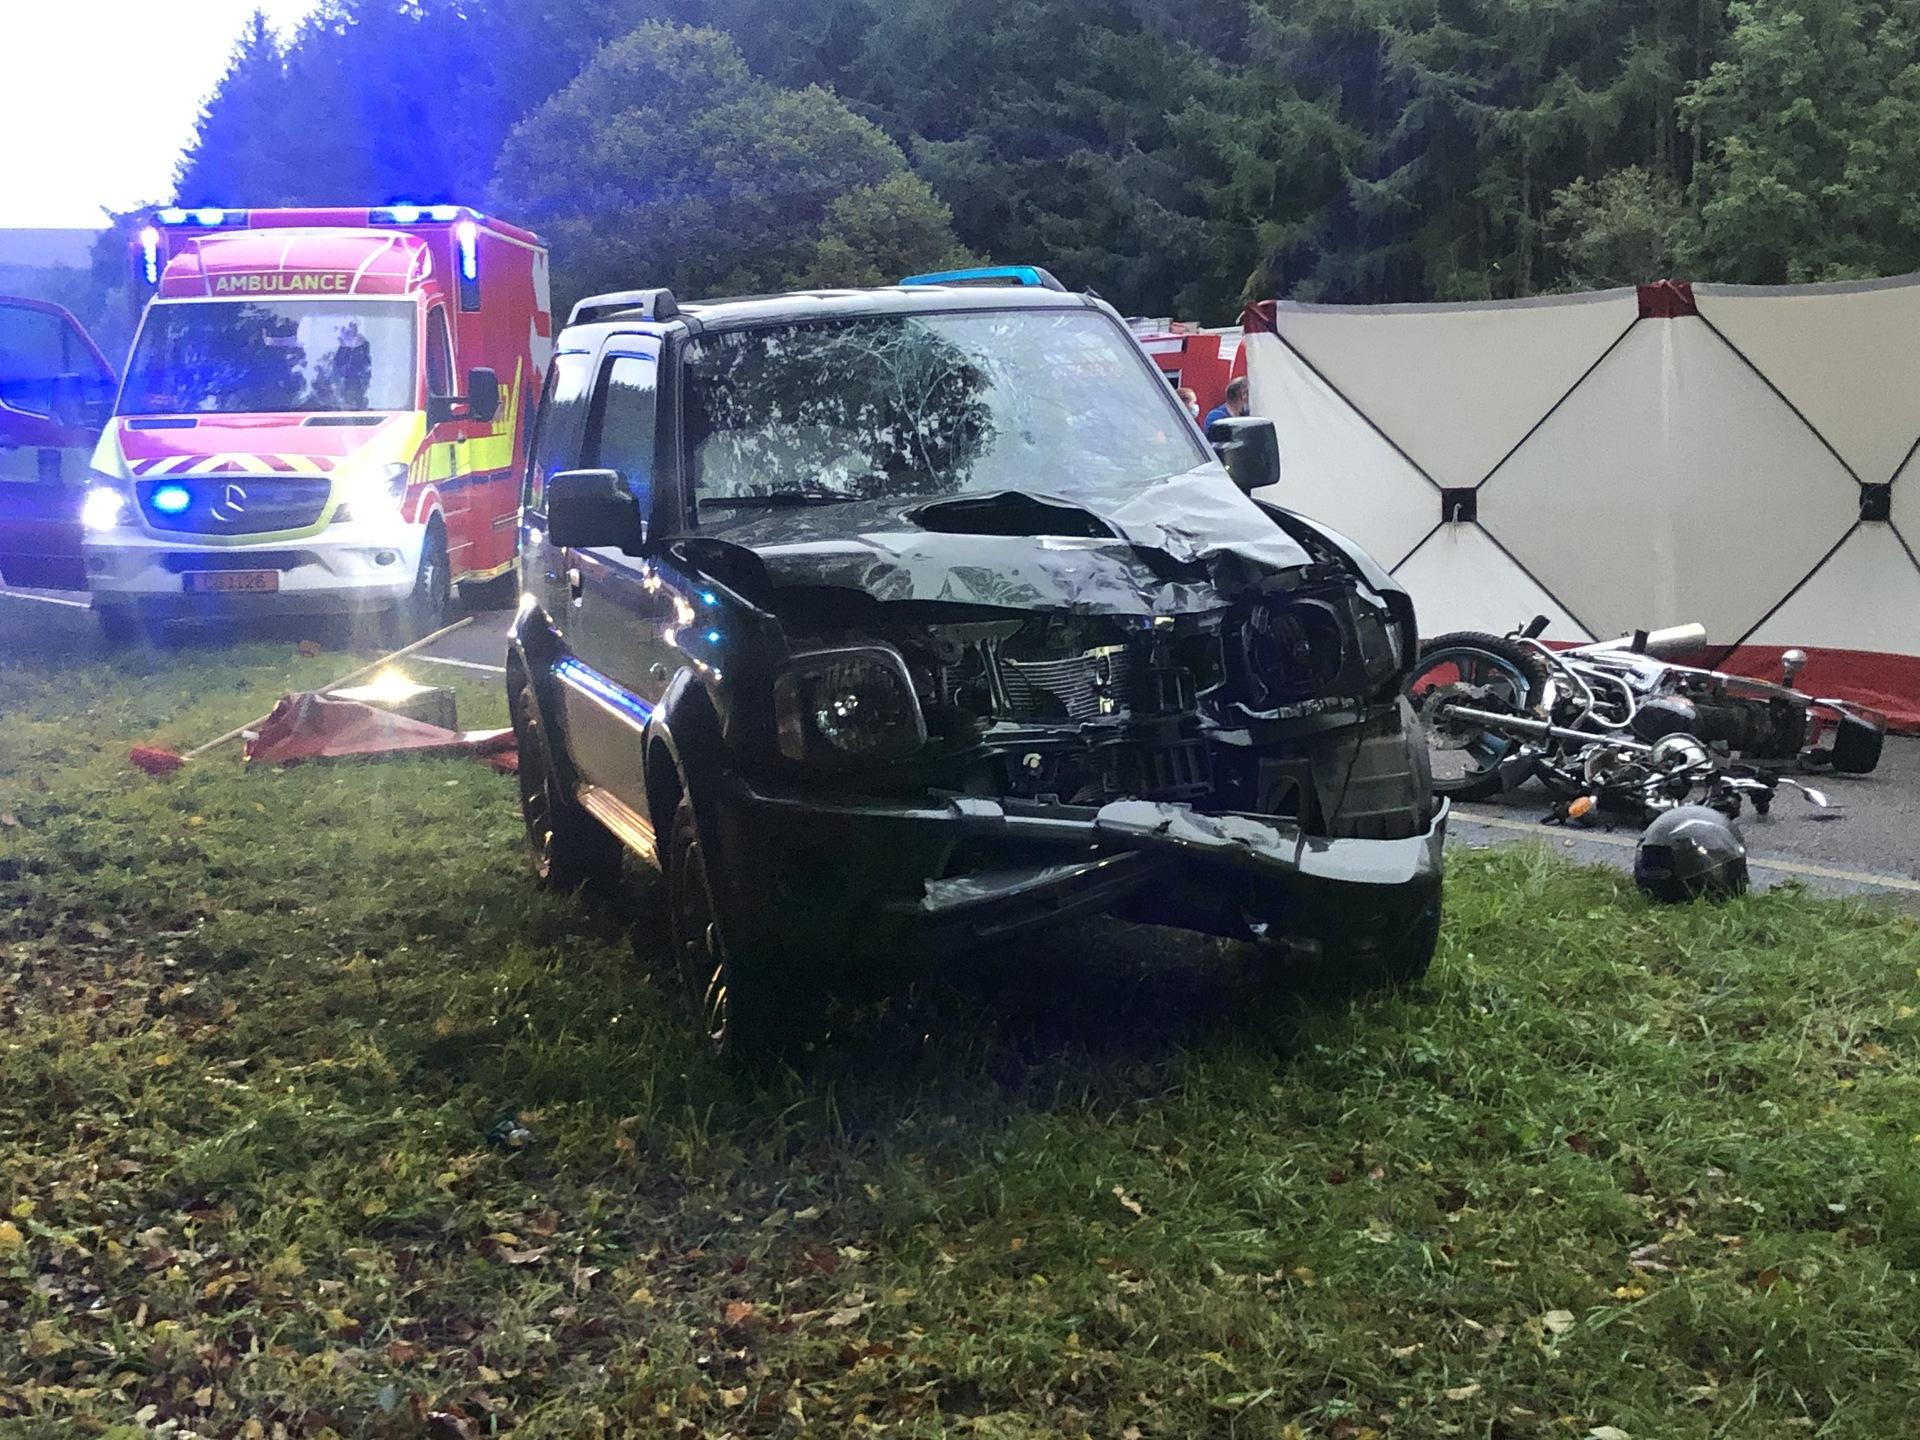 Accident mortel :Un motard de 19 ans victime d'un choc frontal près de Buderscheid